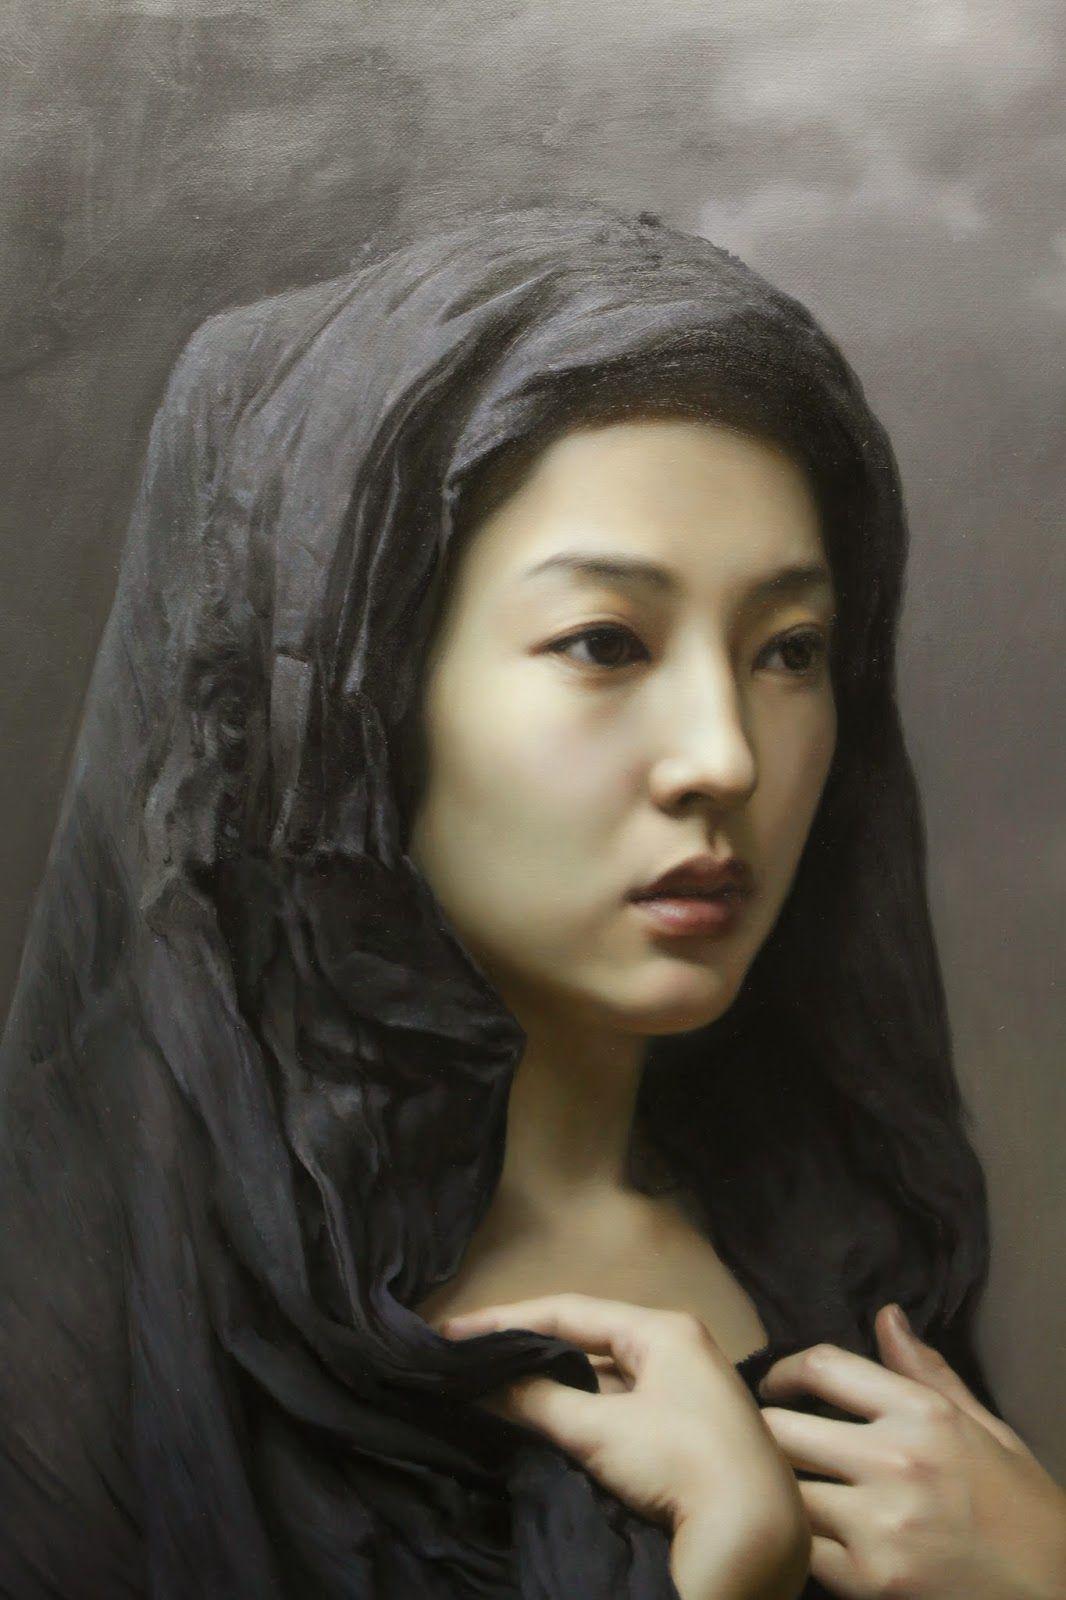 Detail Artist Wang Neng Jun // 王能俊; Chinese Portrait